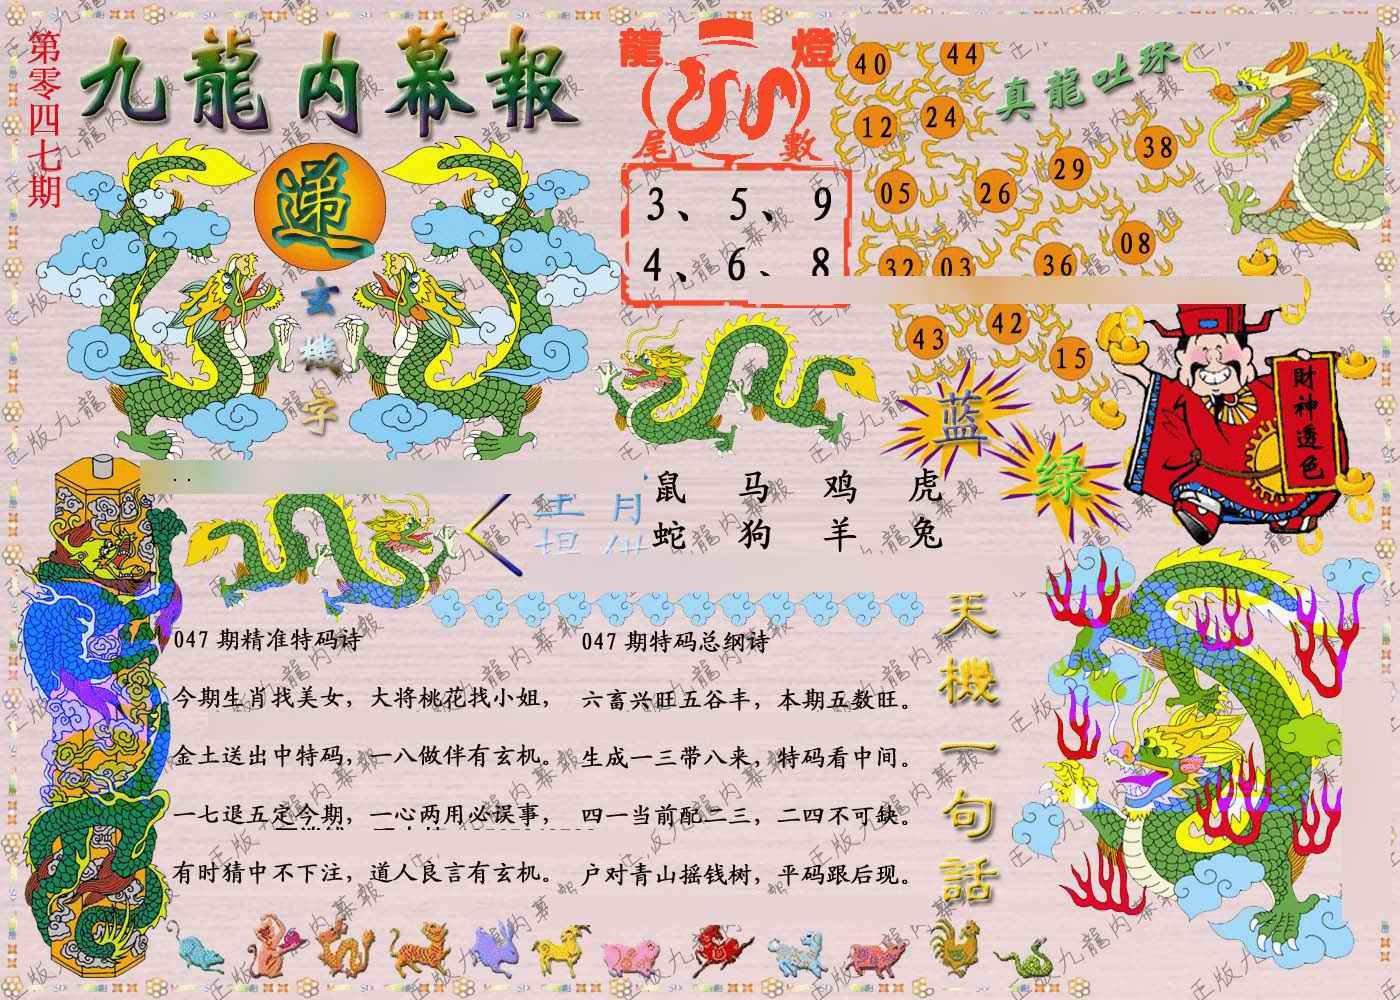 047期正版九龙内幕报